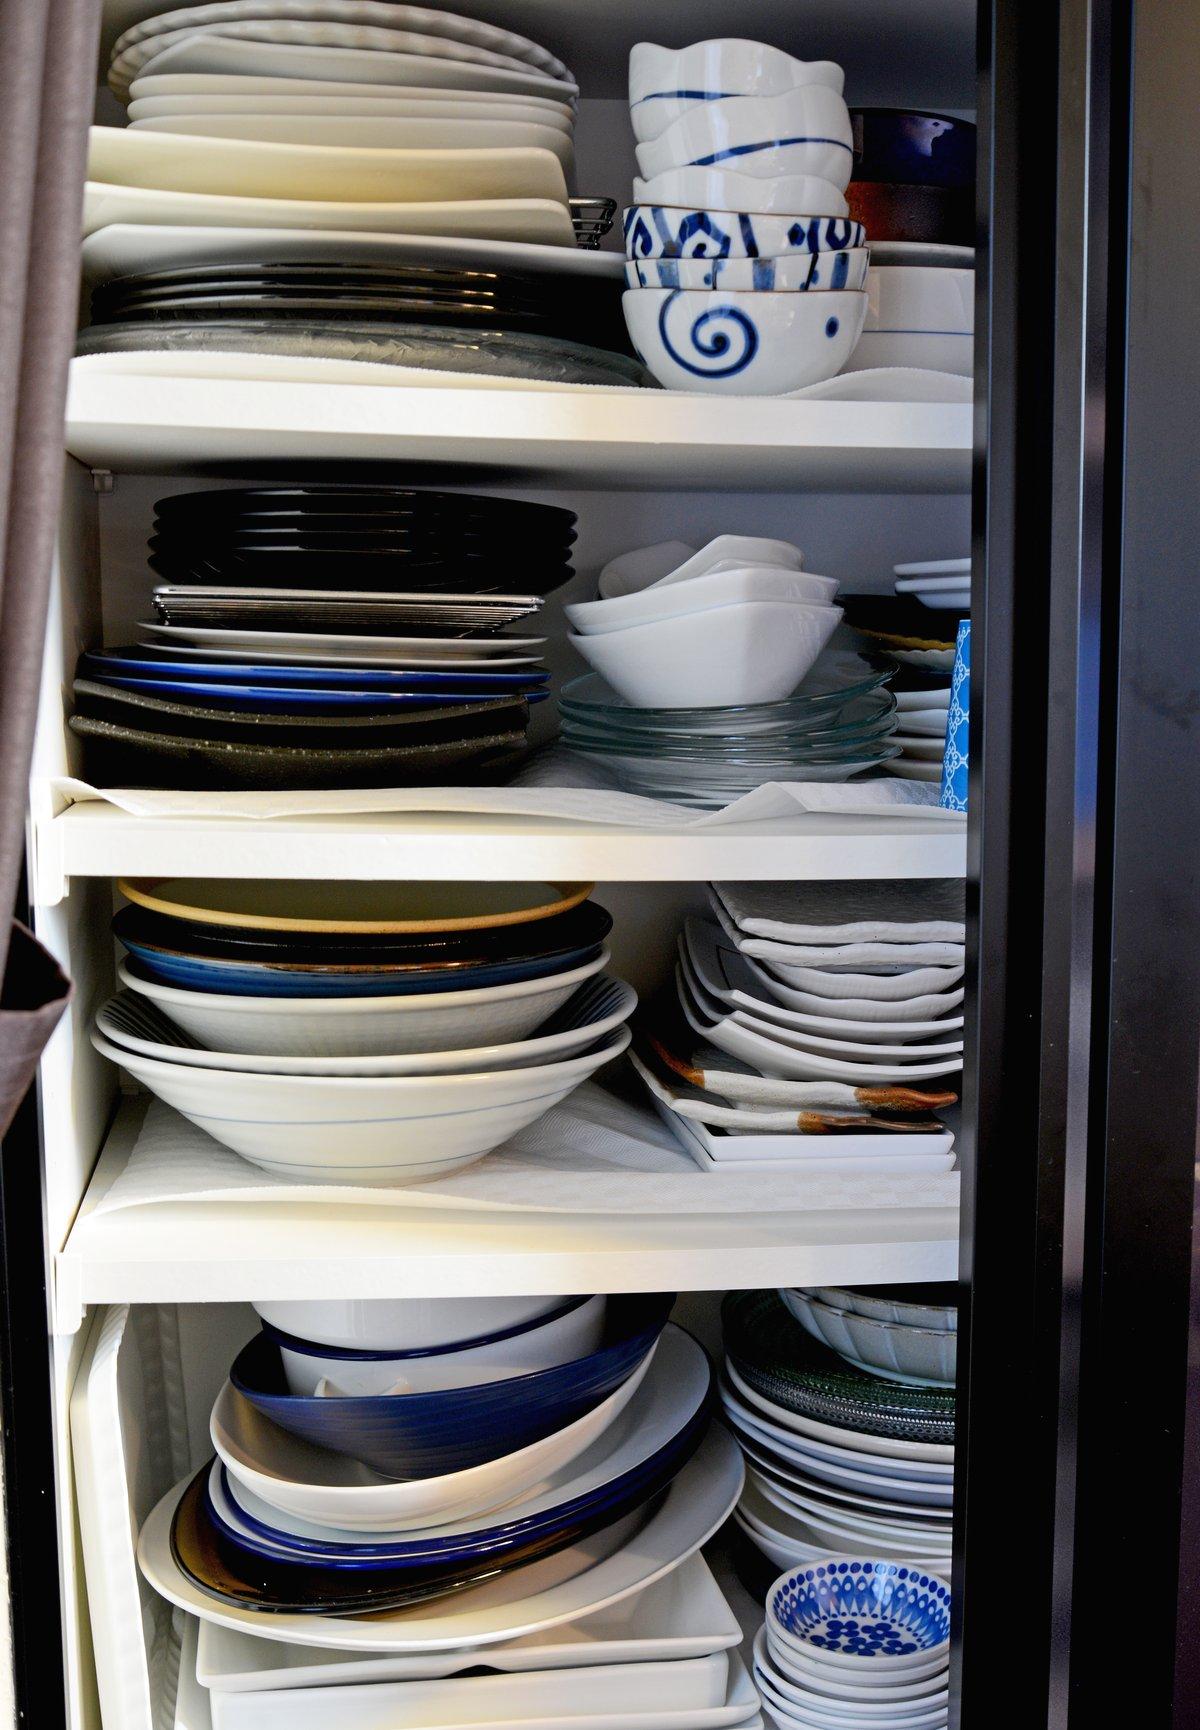 JUNAさんの「世界一楽しいわたしの台所」